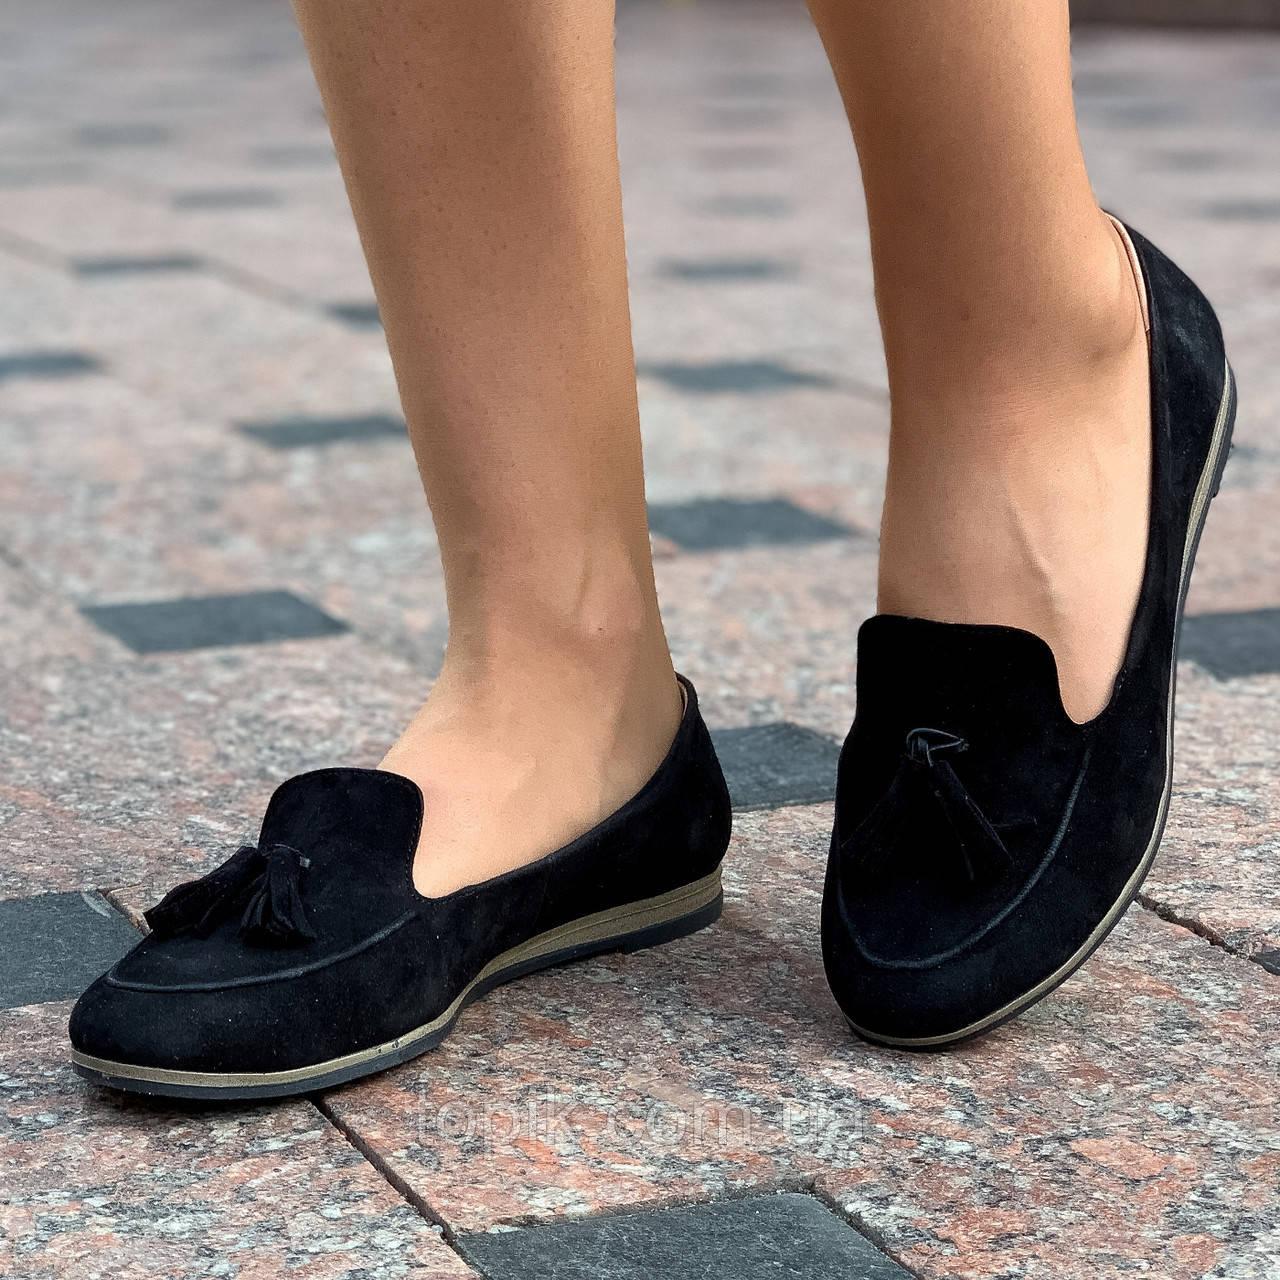 Туфли, мокасины женские кожаные (Код: 1555a)